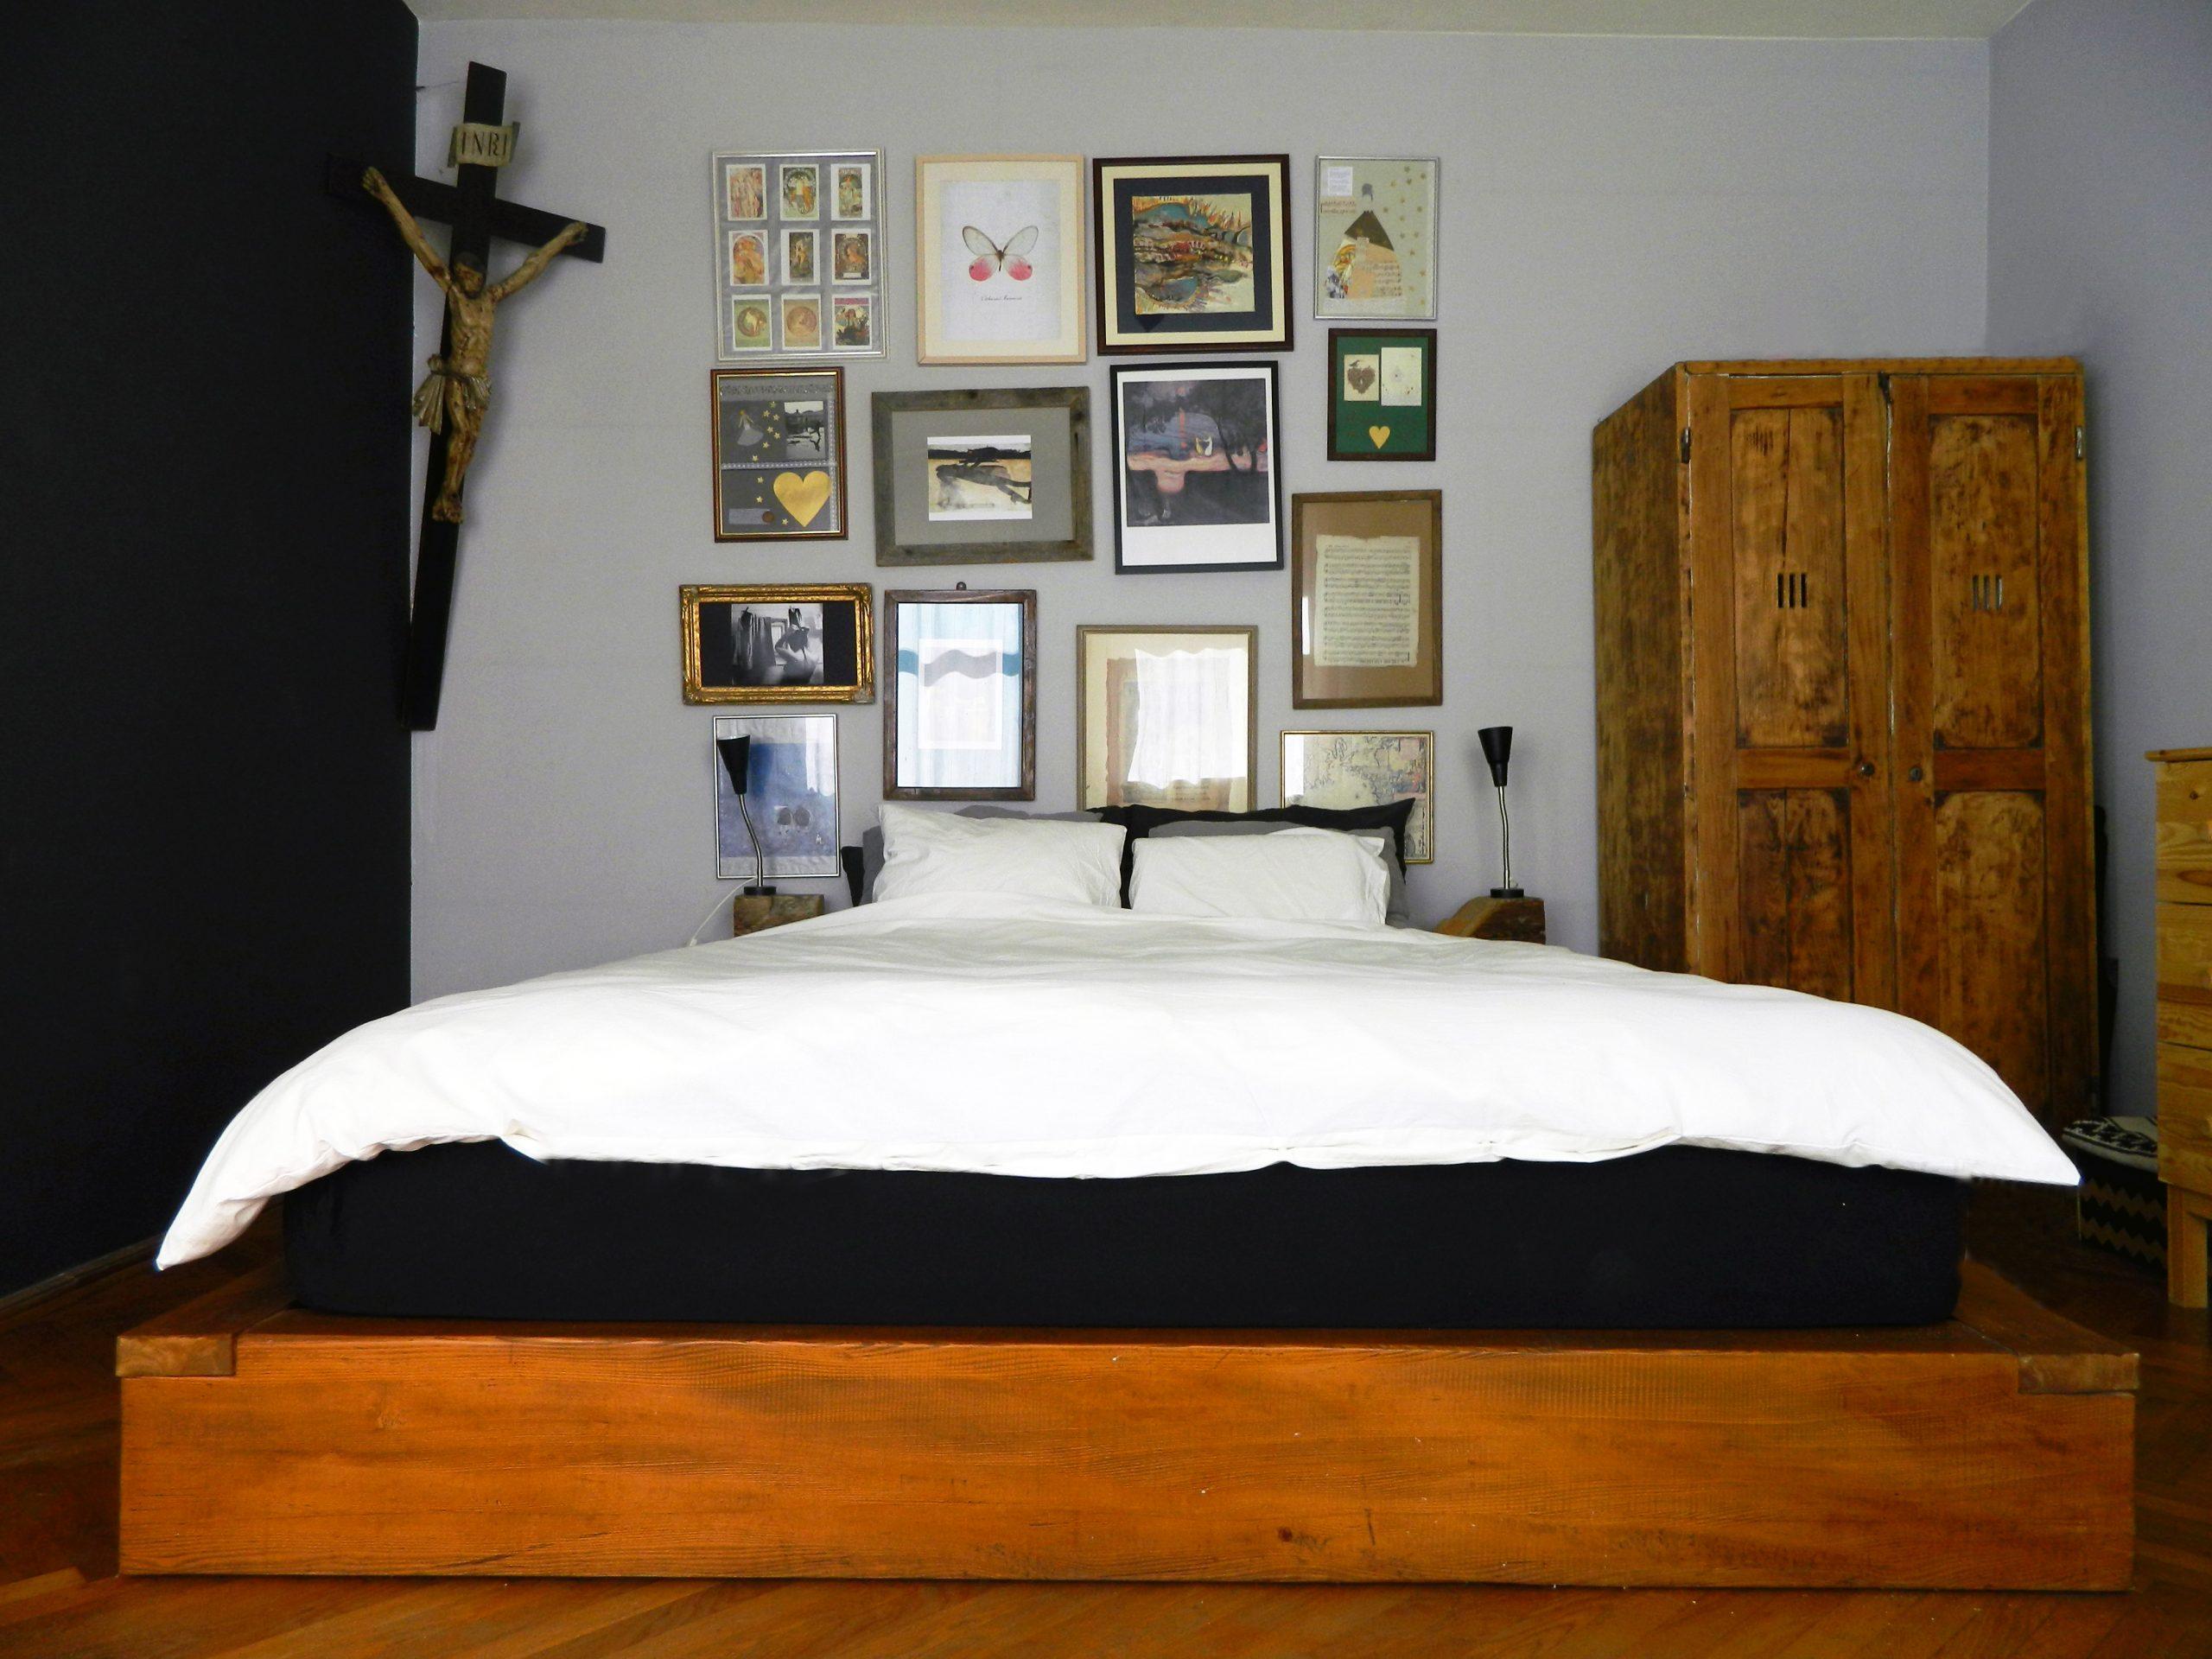 dormitor perete negru crucifix